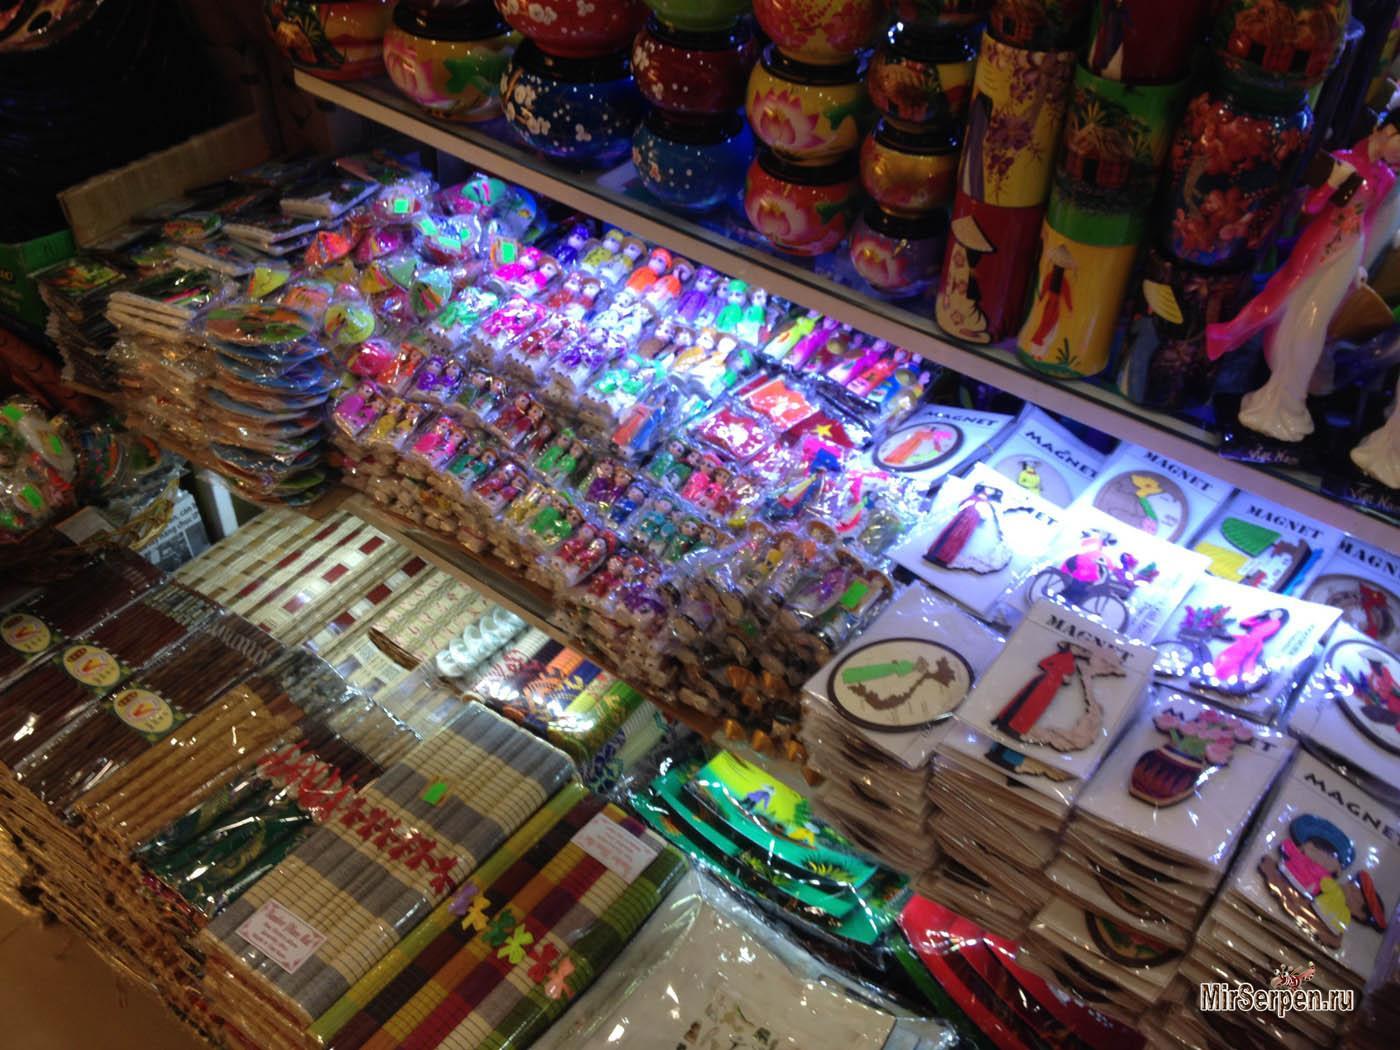 Магазины для русских туристов во Вьетнаме